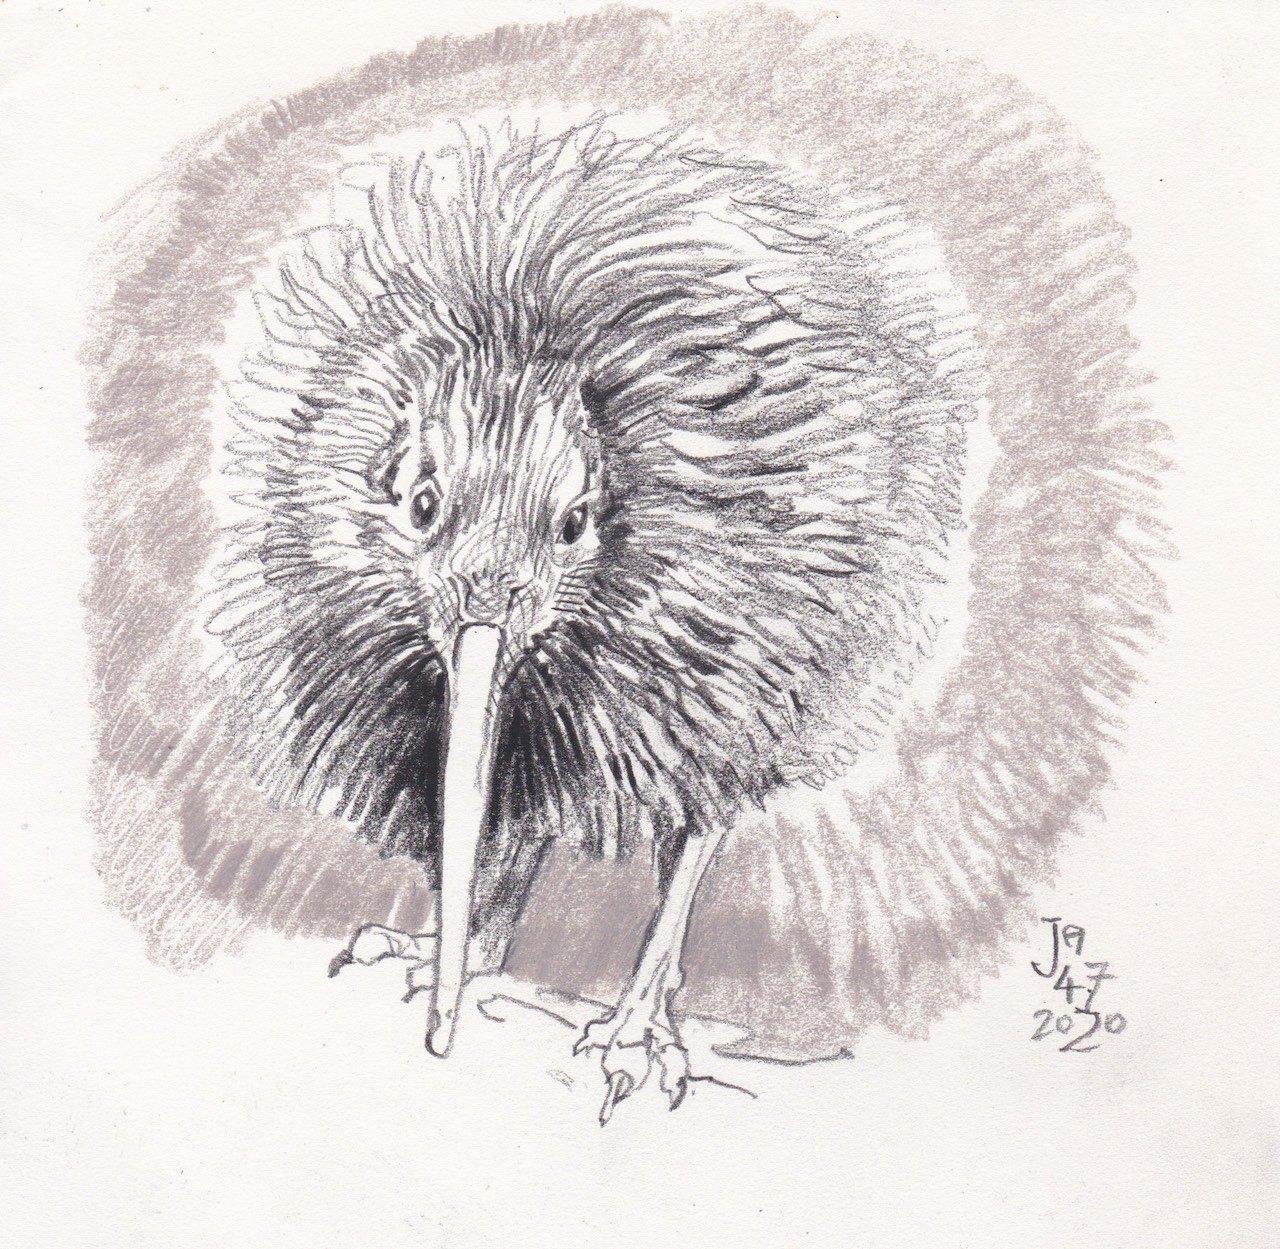 kiwi-sketch